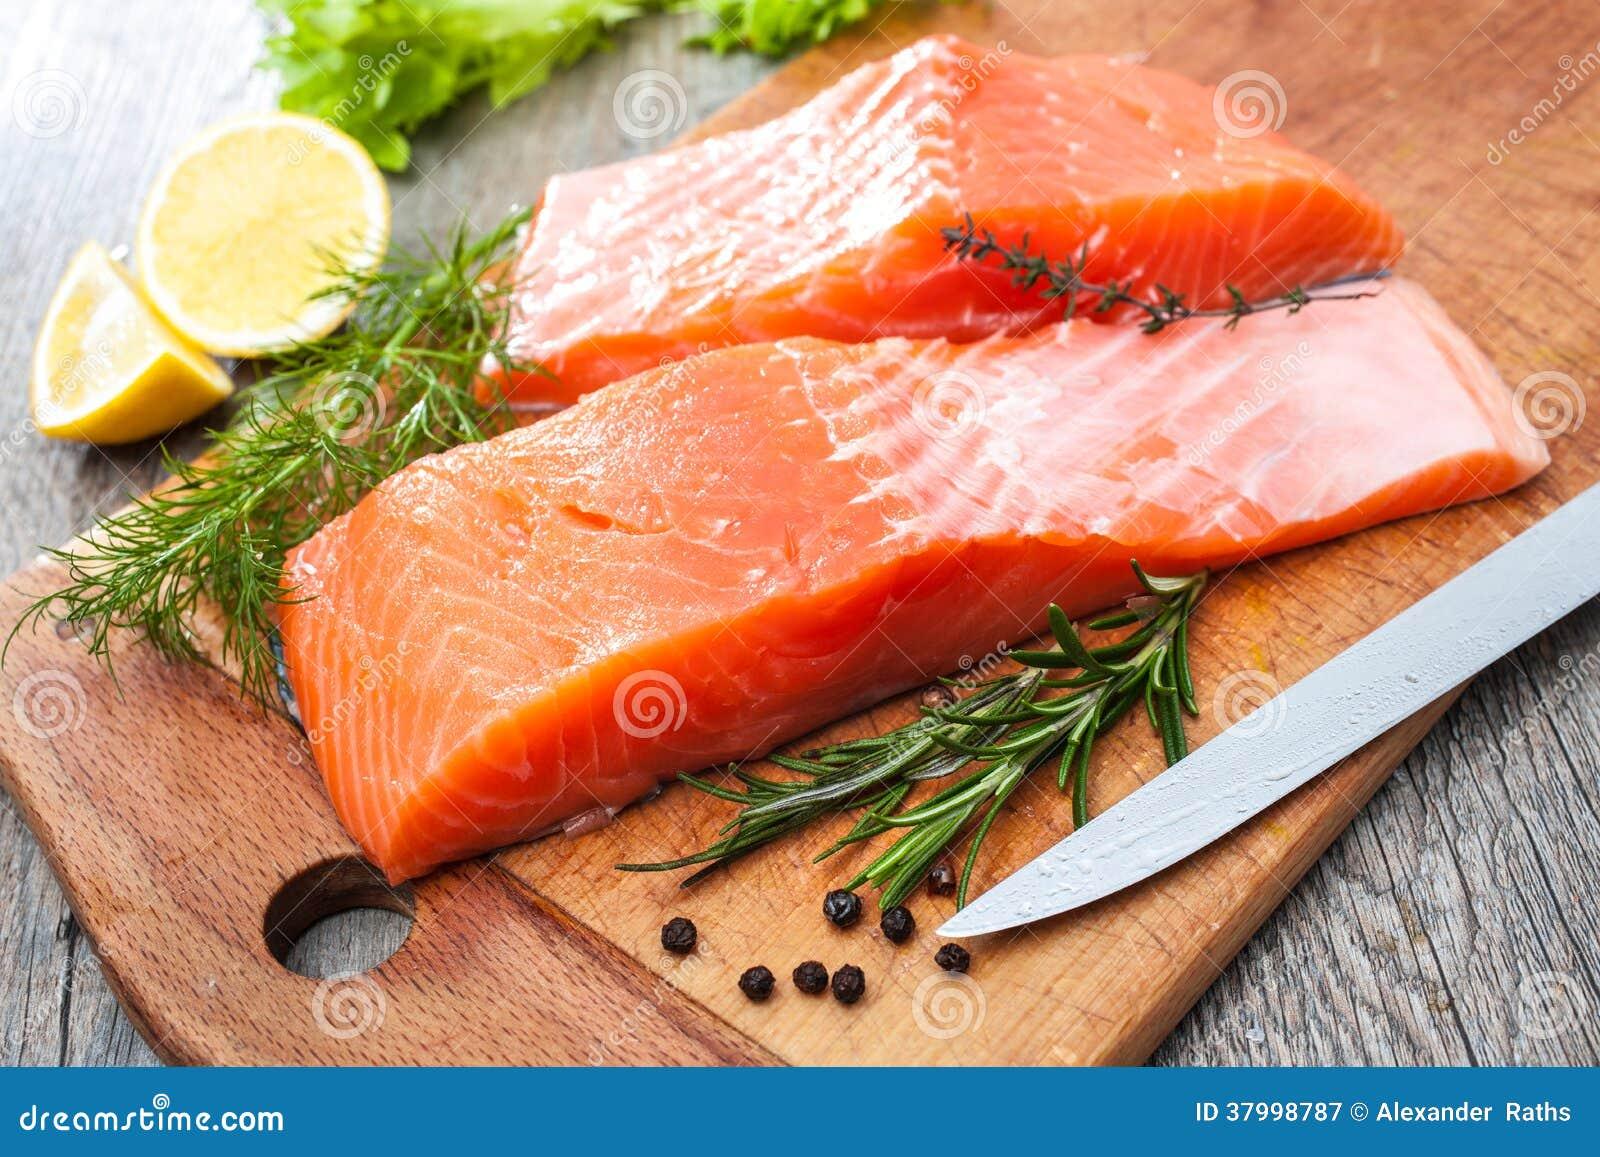 Rohes Lachsfischfilet mit frischen Kräutern